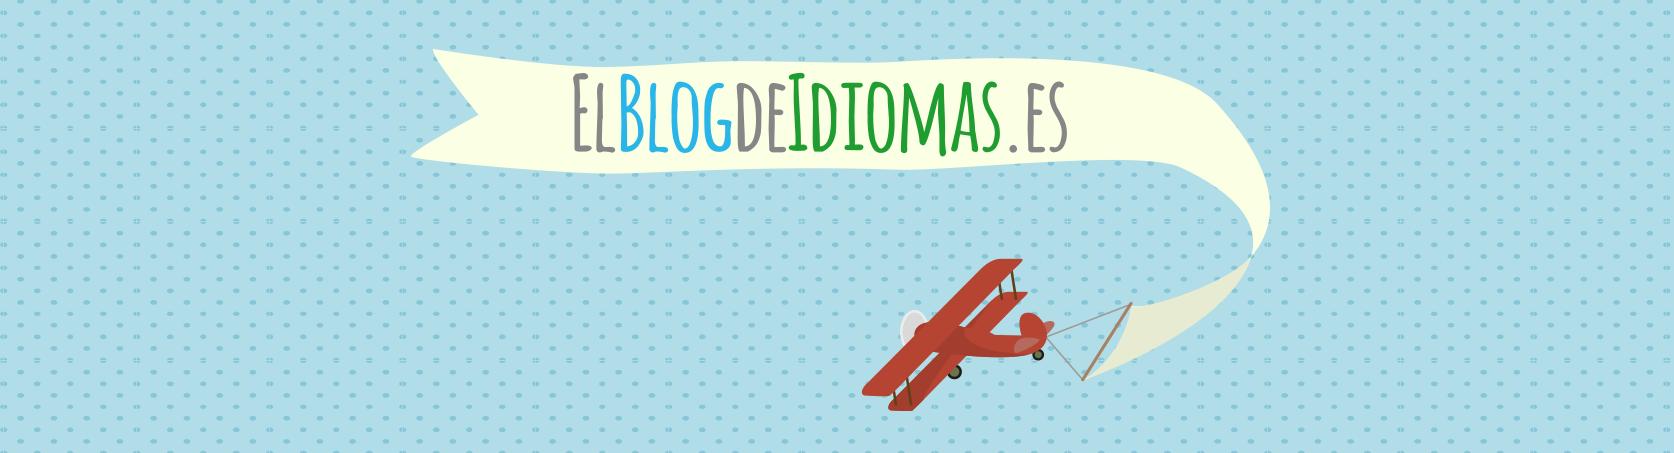 El Blog de Idiomas